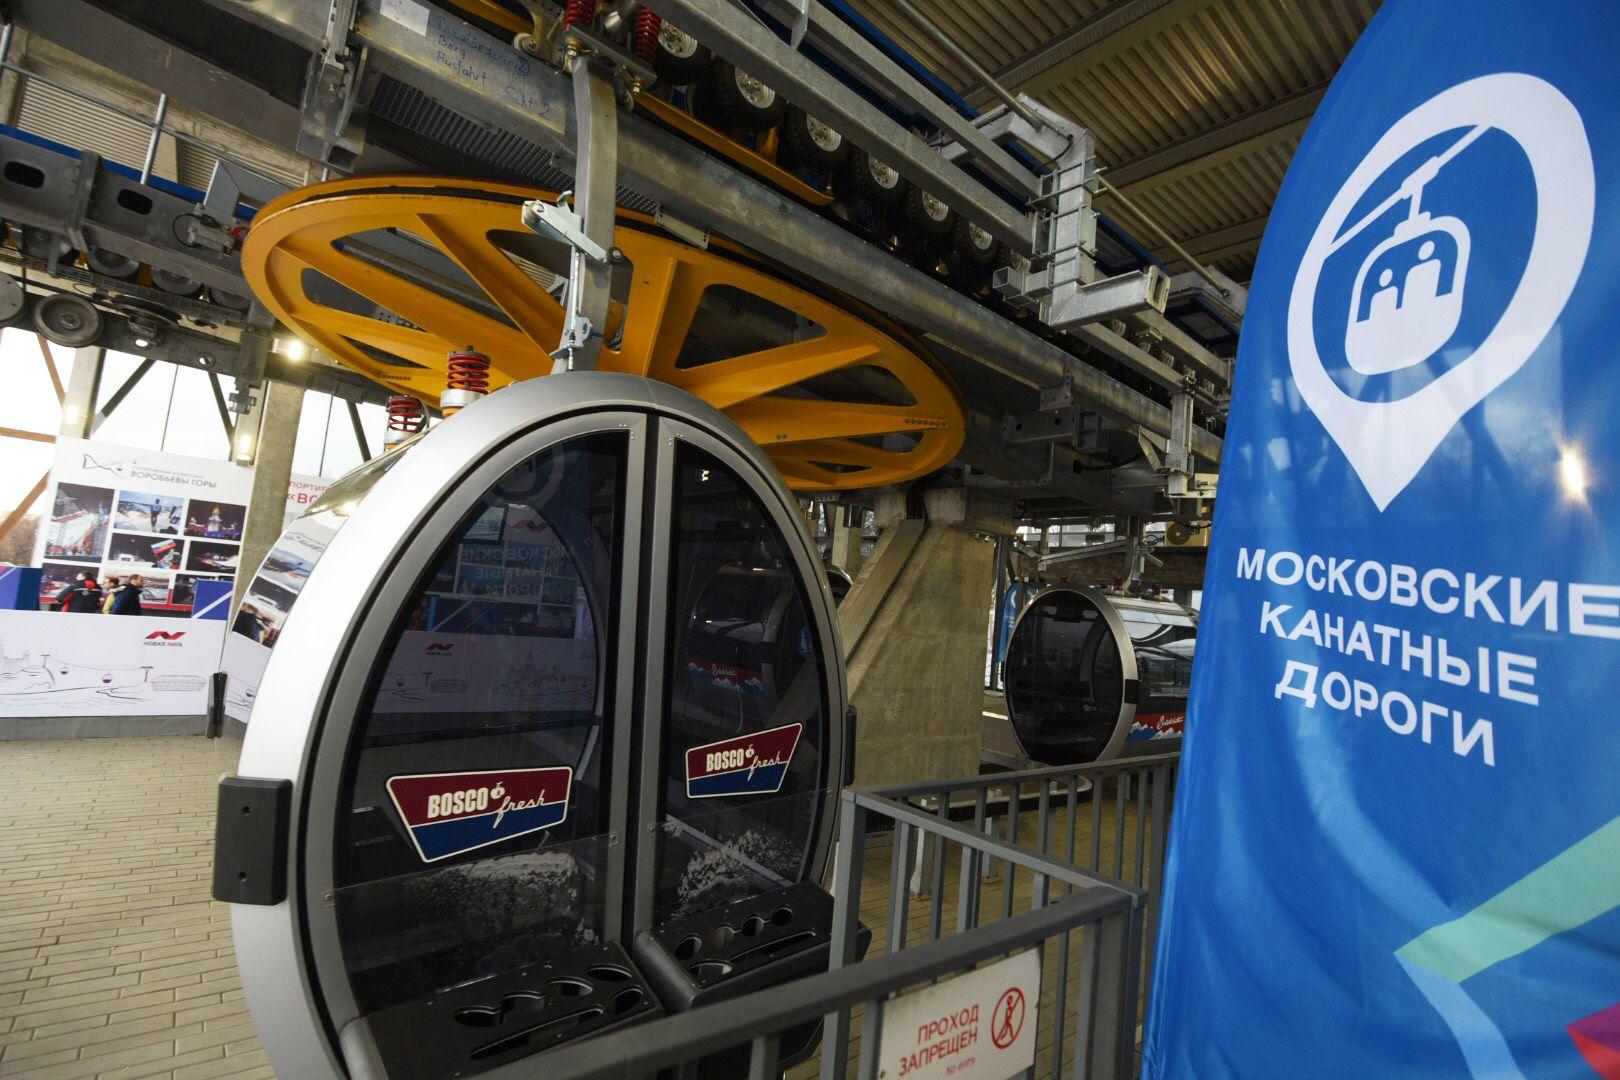 Власти Москвы озвучили цену поездки на канатной дороге через Химкинское водохранилище